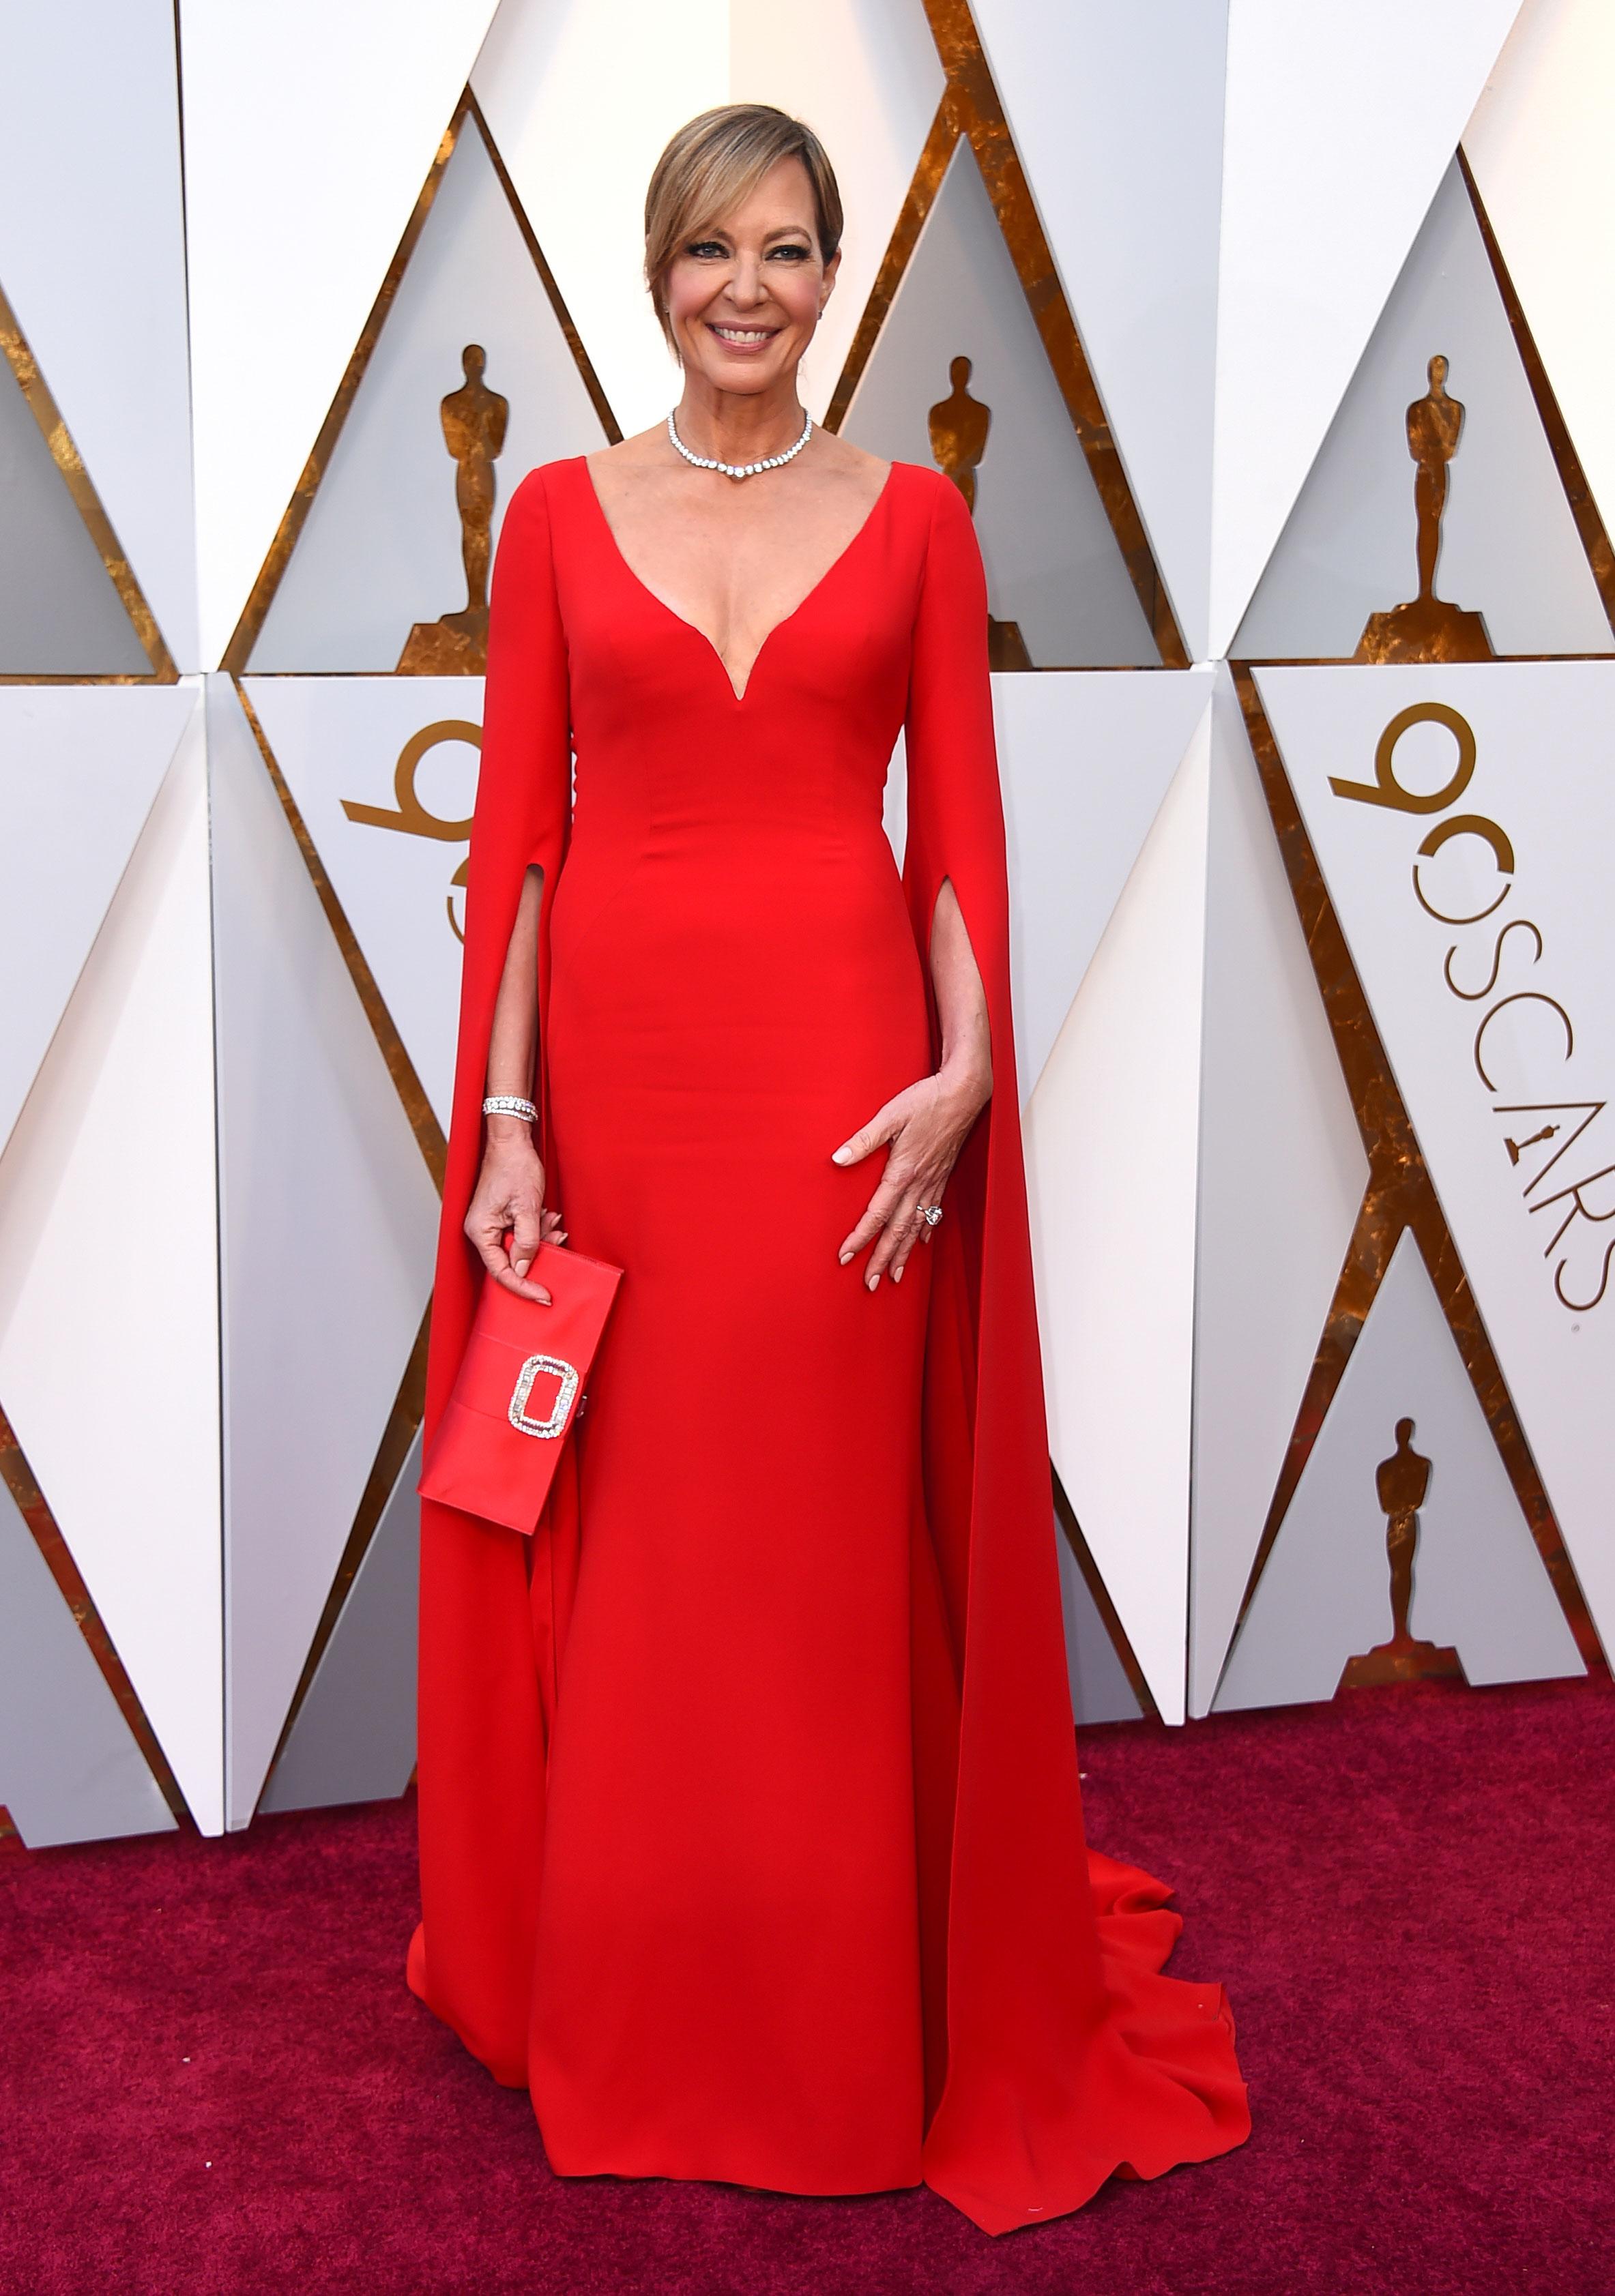 Allison Janney, una de las actrices que apoya el movimiento #MeToo, en un deslumbrante vestido rojo de Reem Acra, con un profundo escote V, otra de las tendencias de los Oscar. (The Associated Press)